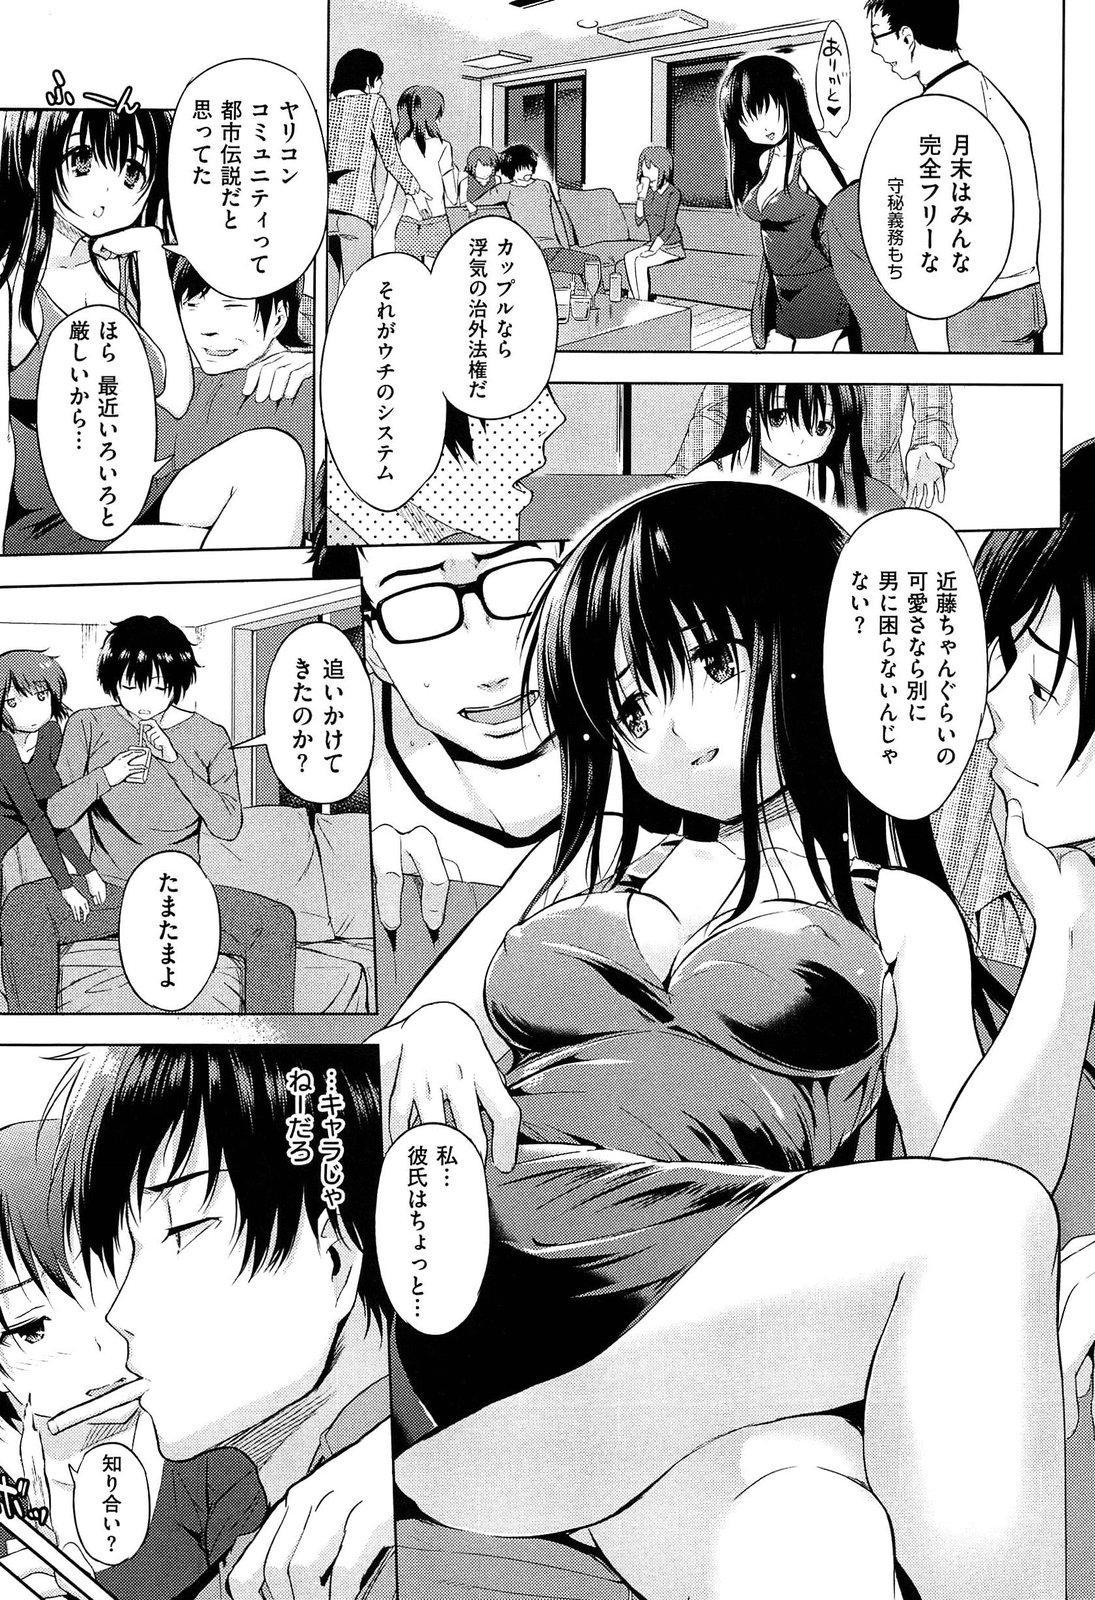 Hatsukoi Swap 40